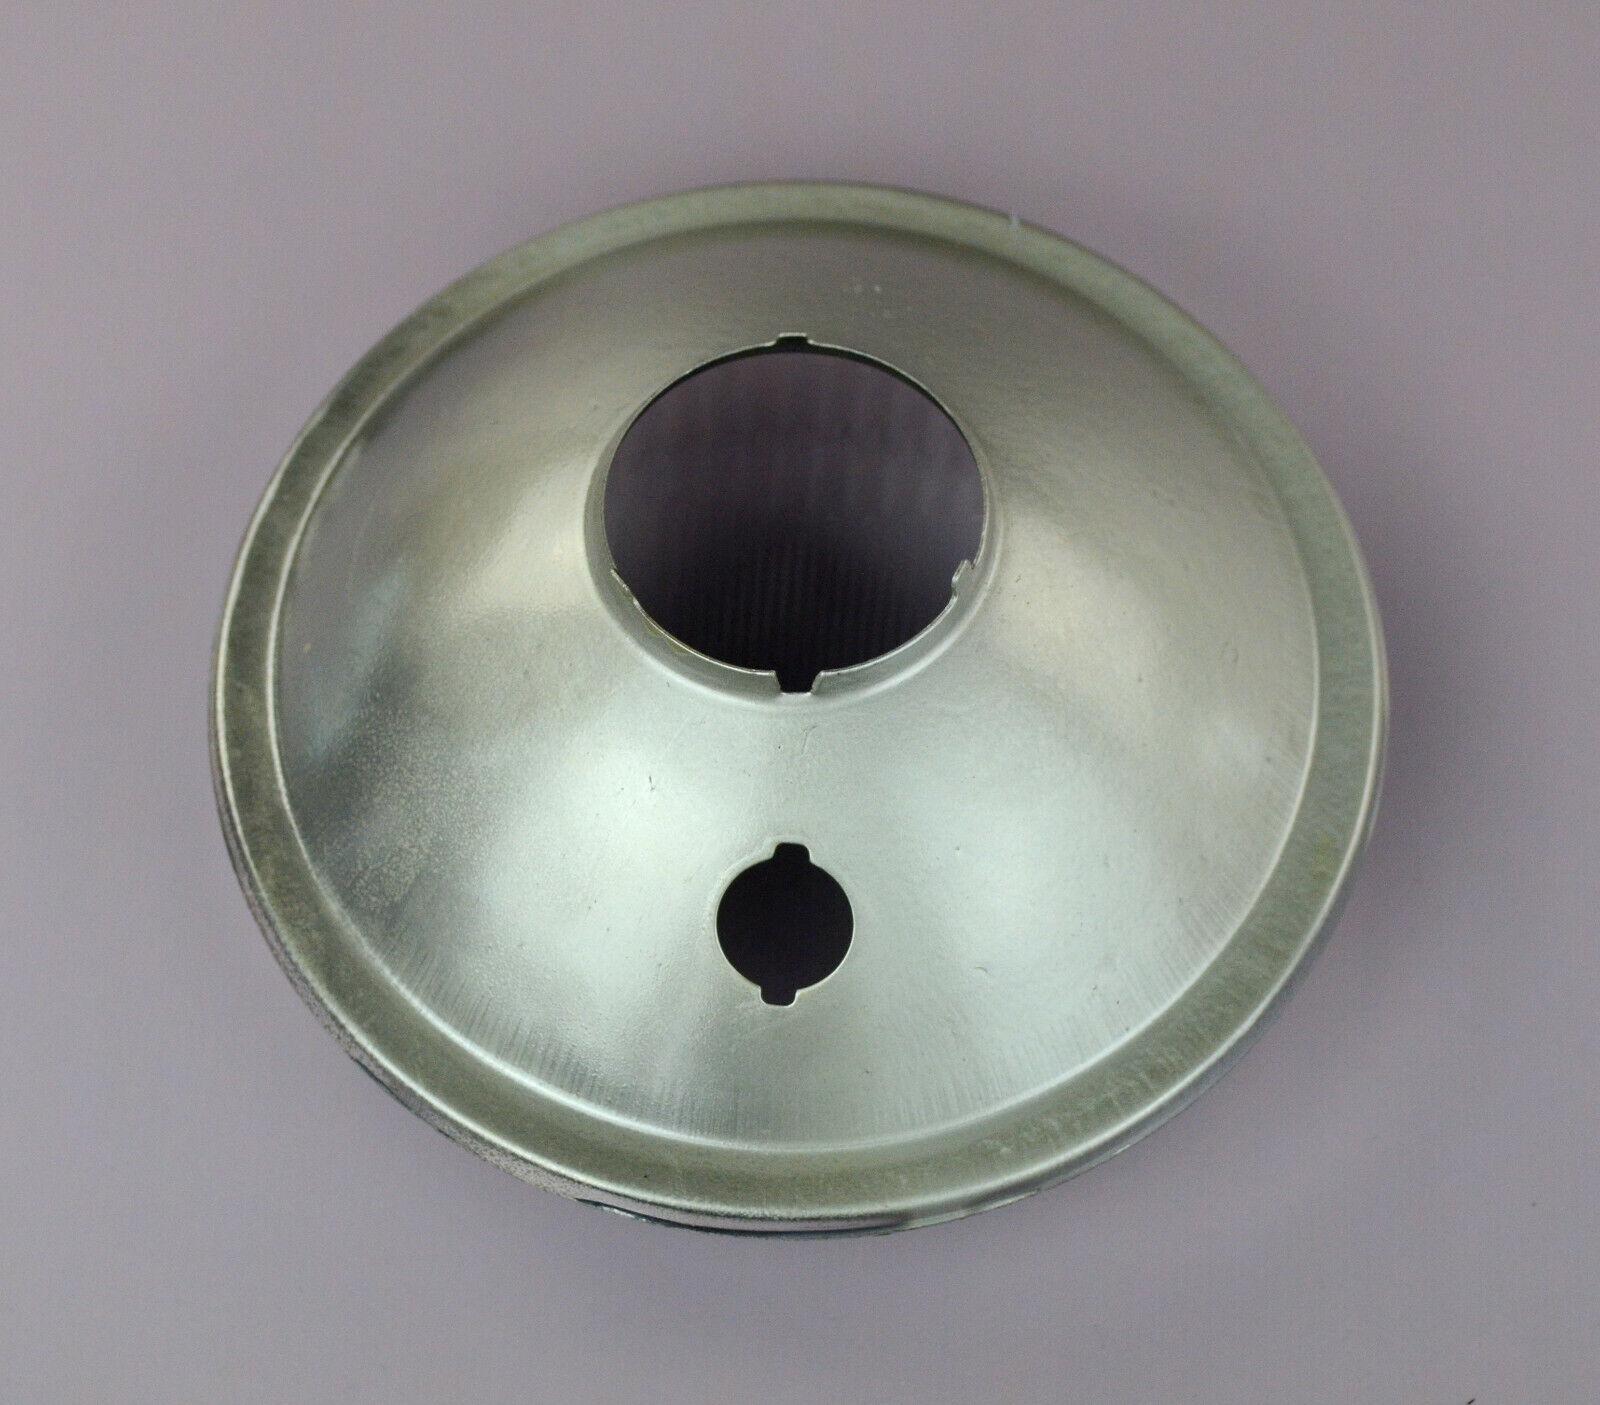 2x Reflektor Spiegel Ø 130mm Lichtaustritt für Traktor Scheinwerfer